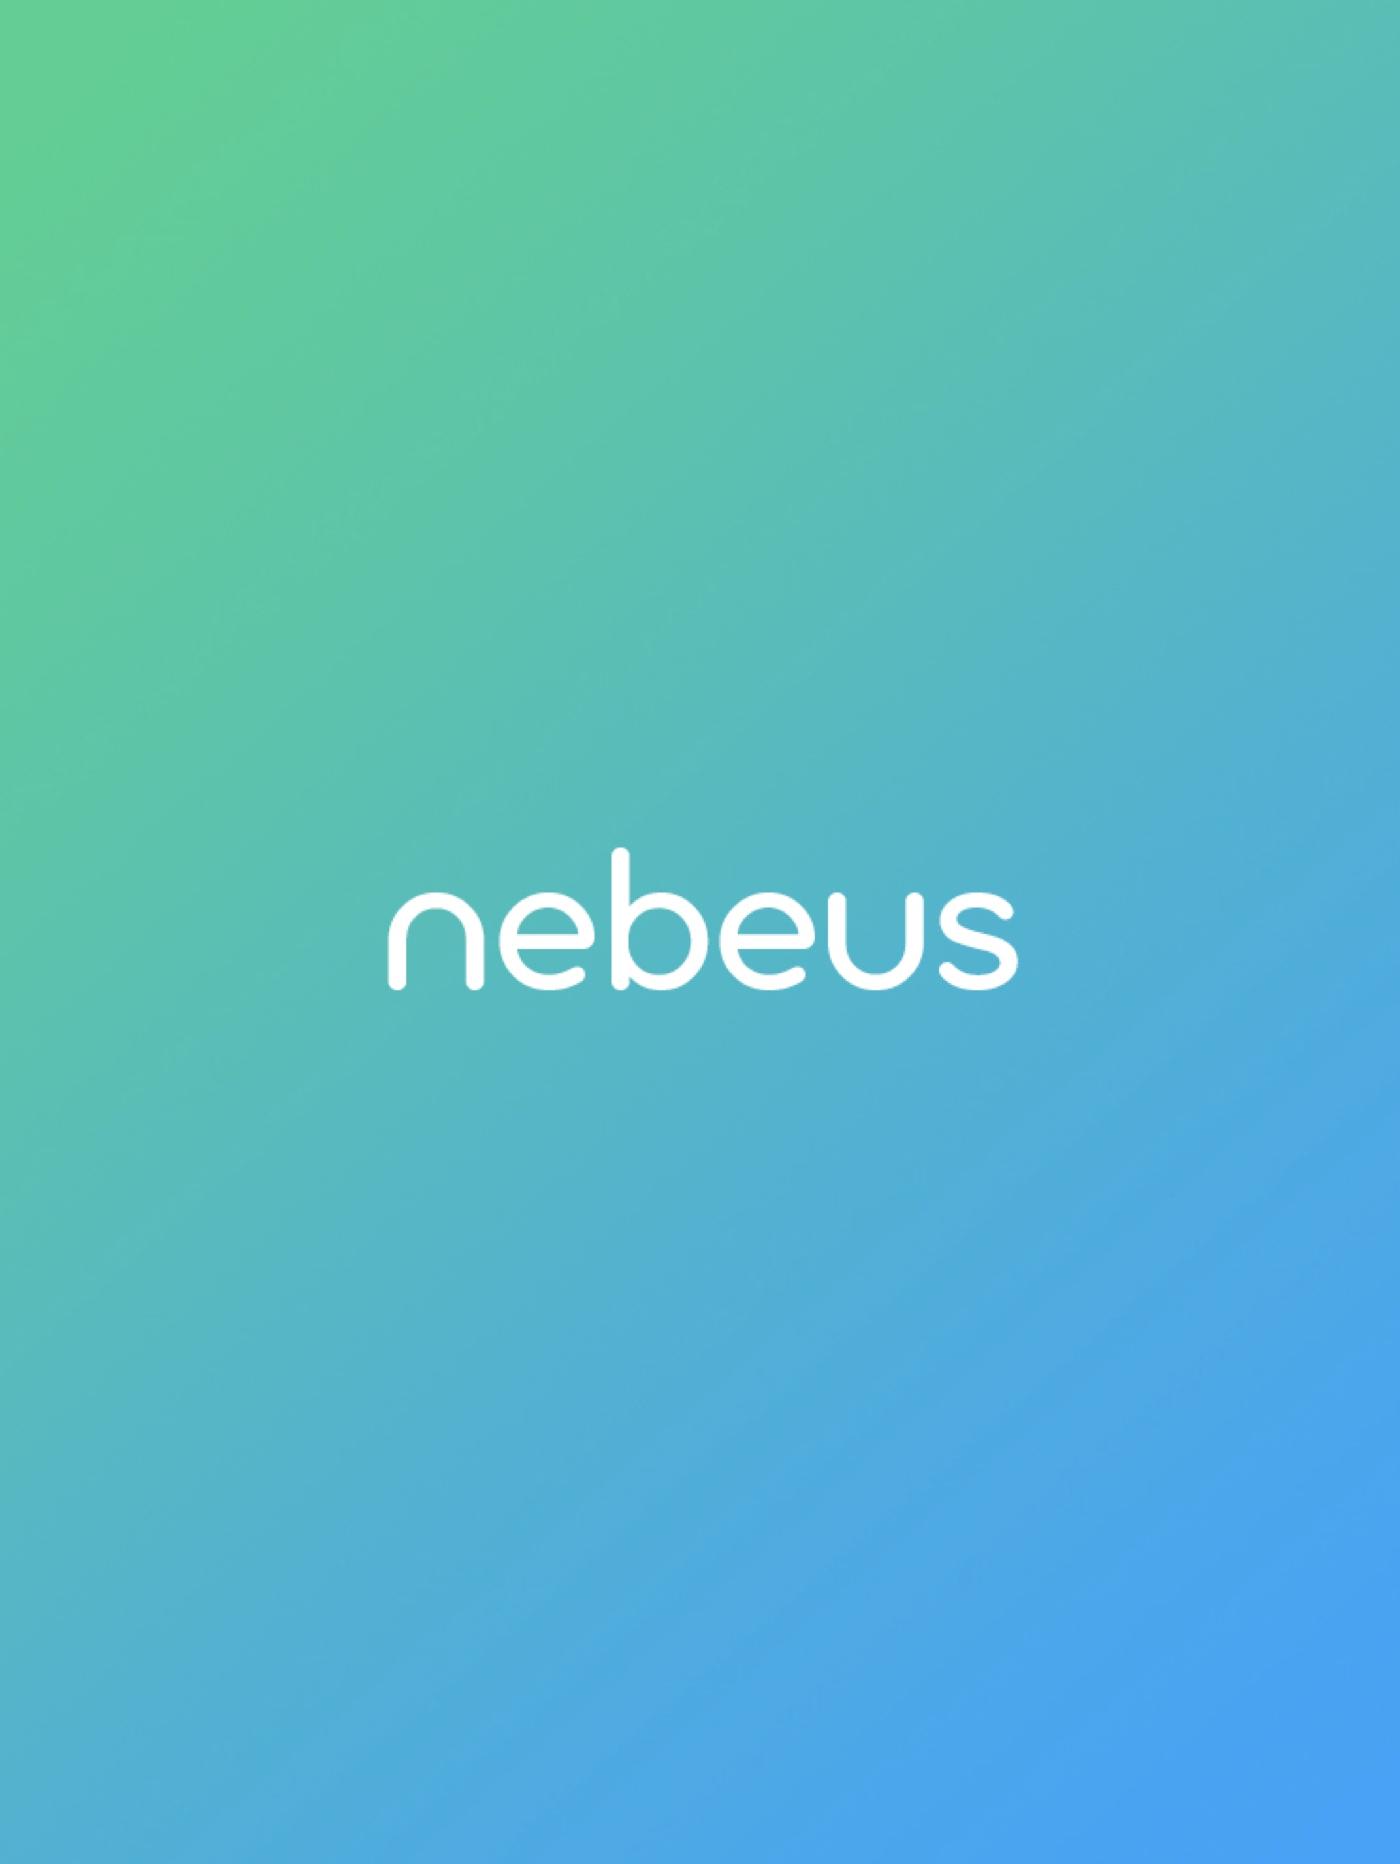 02_02_logo nebeus_Mobile App and website Money Nebeus_Money4_by_basov_design_